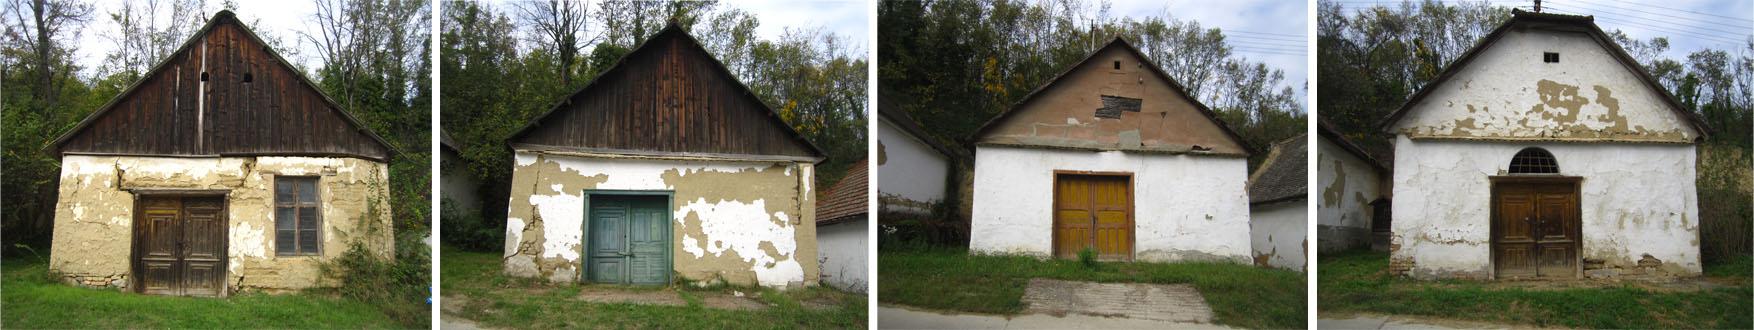 61 hrvatska batina povratak vinski podrumi